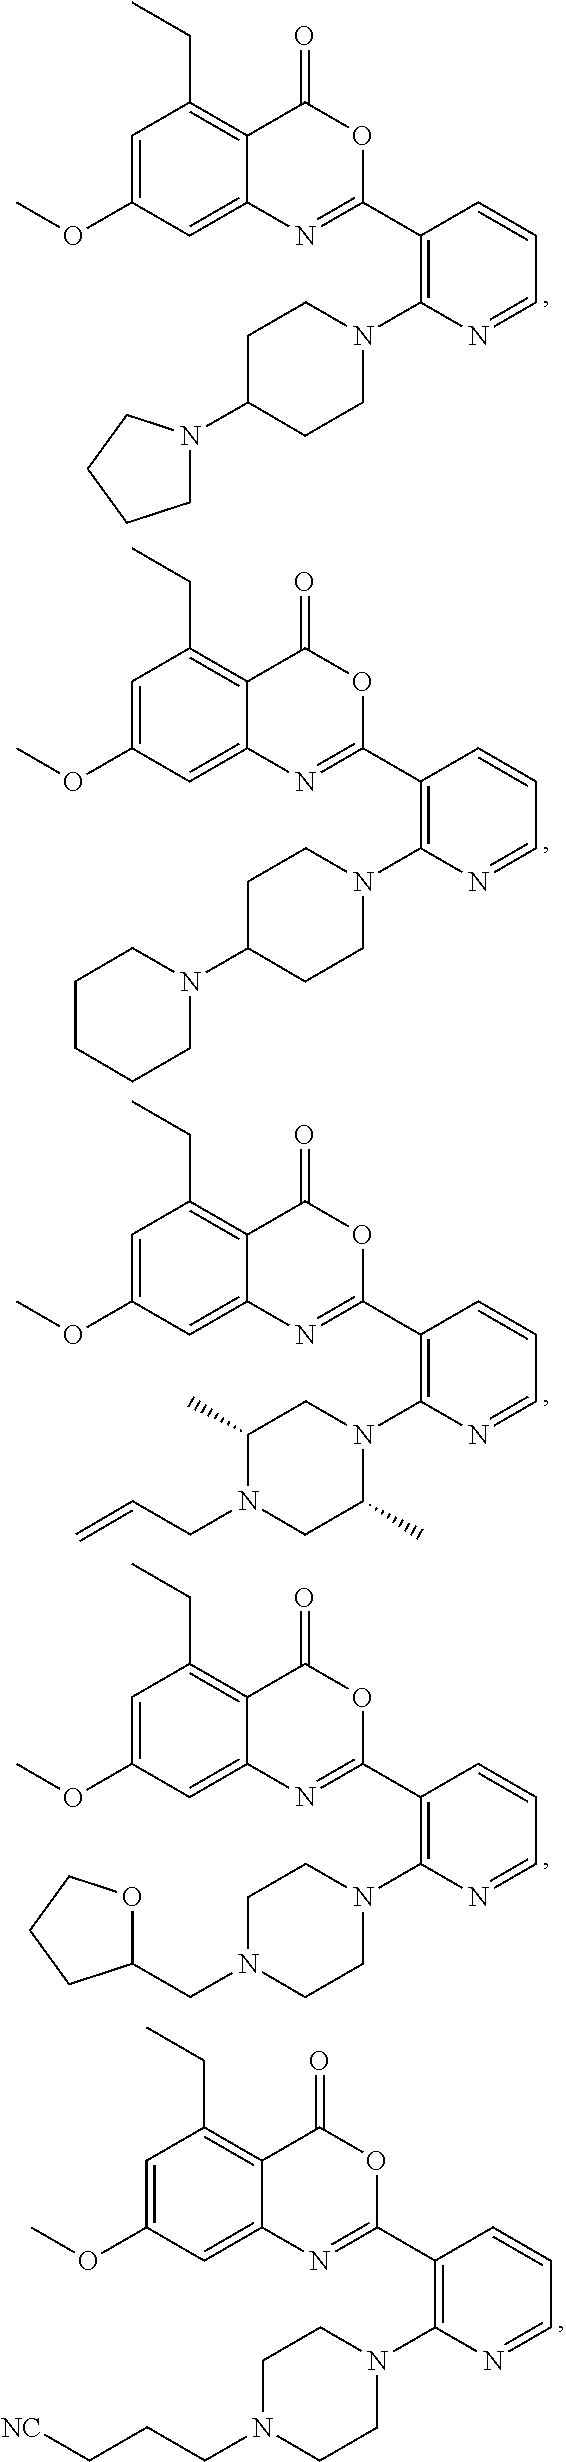 Figure US07879846-20110201-C00411